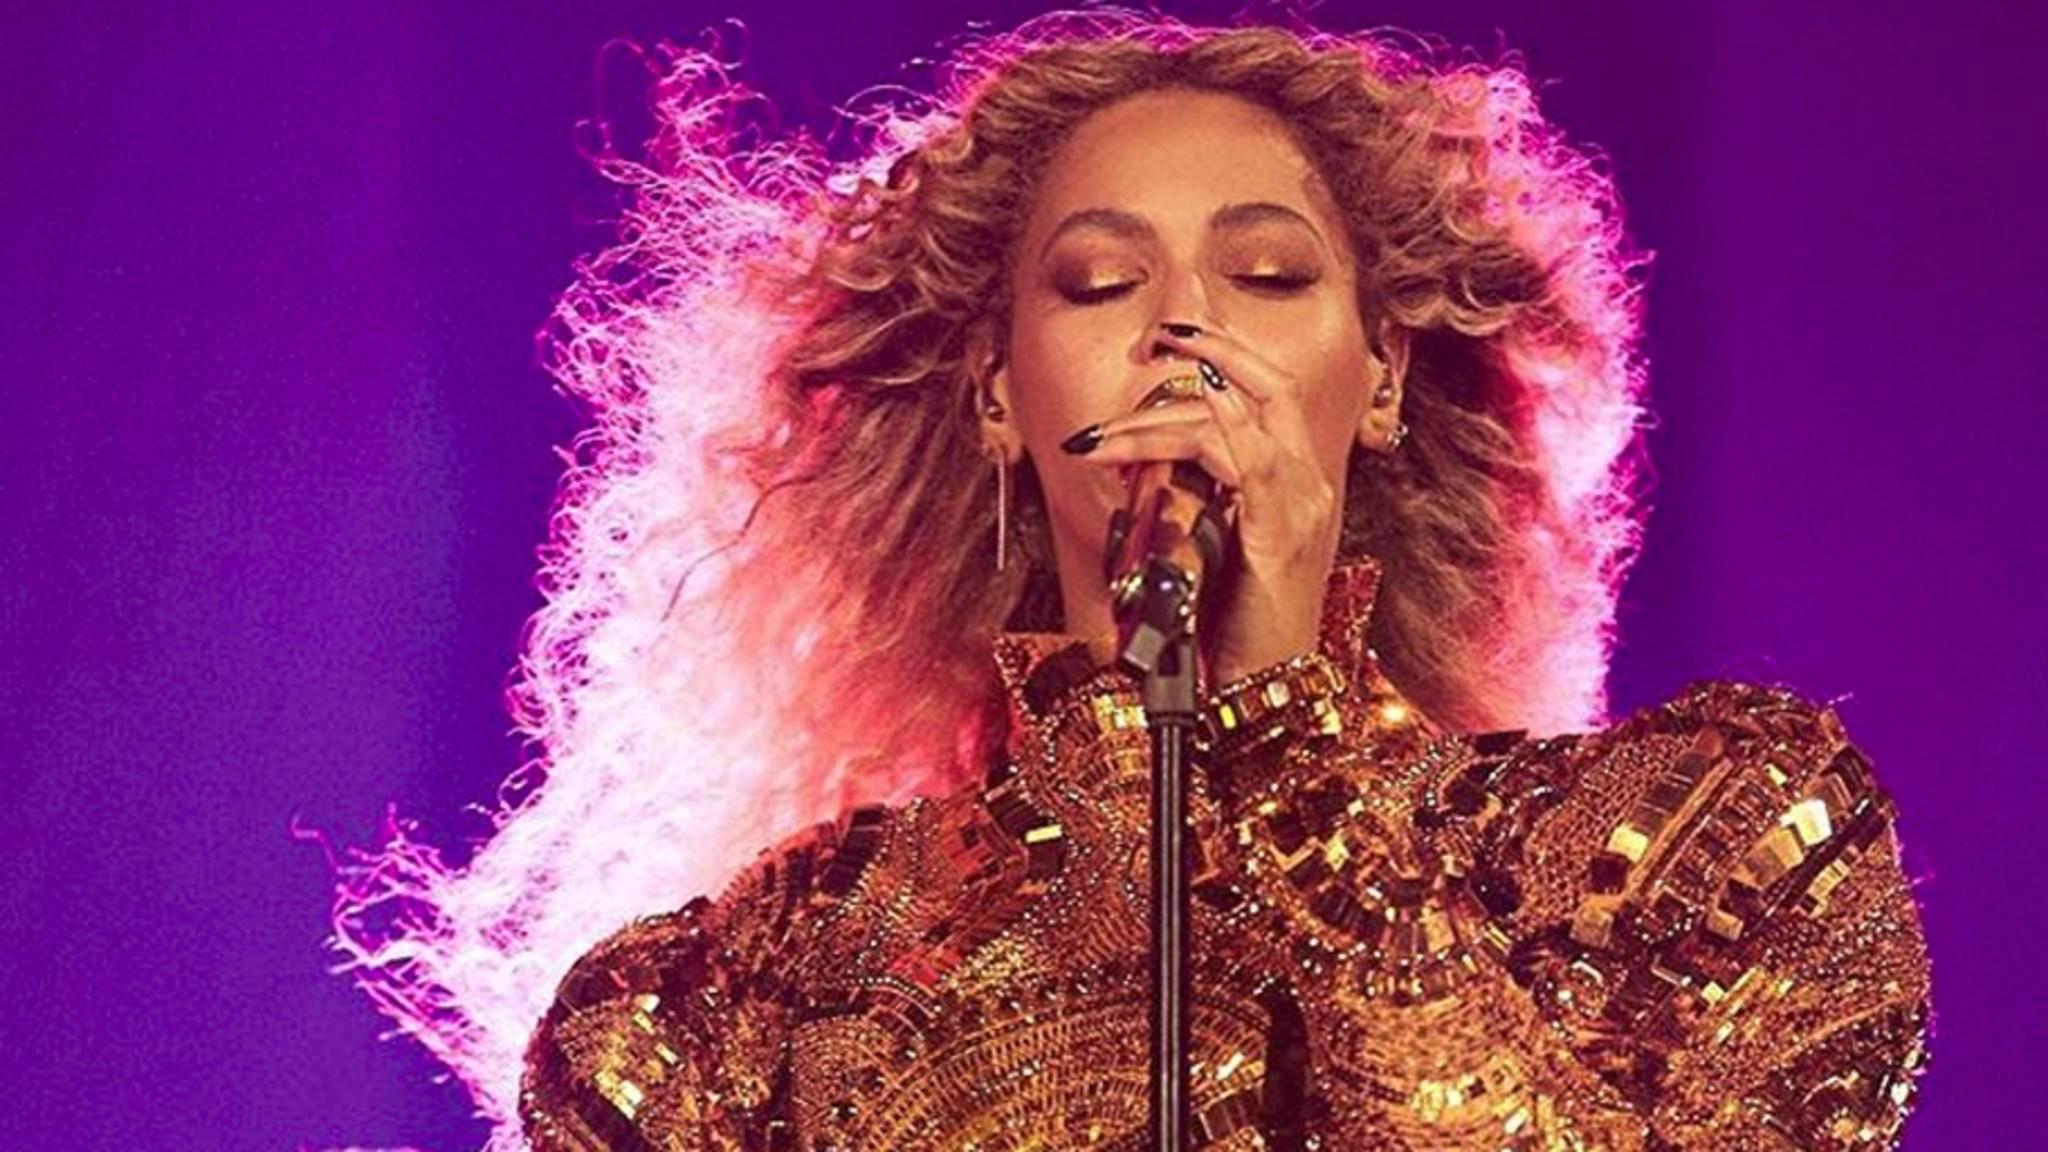 Beyoncé führt die Liste der Nominierten für die Grammys 2017 an.